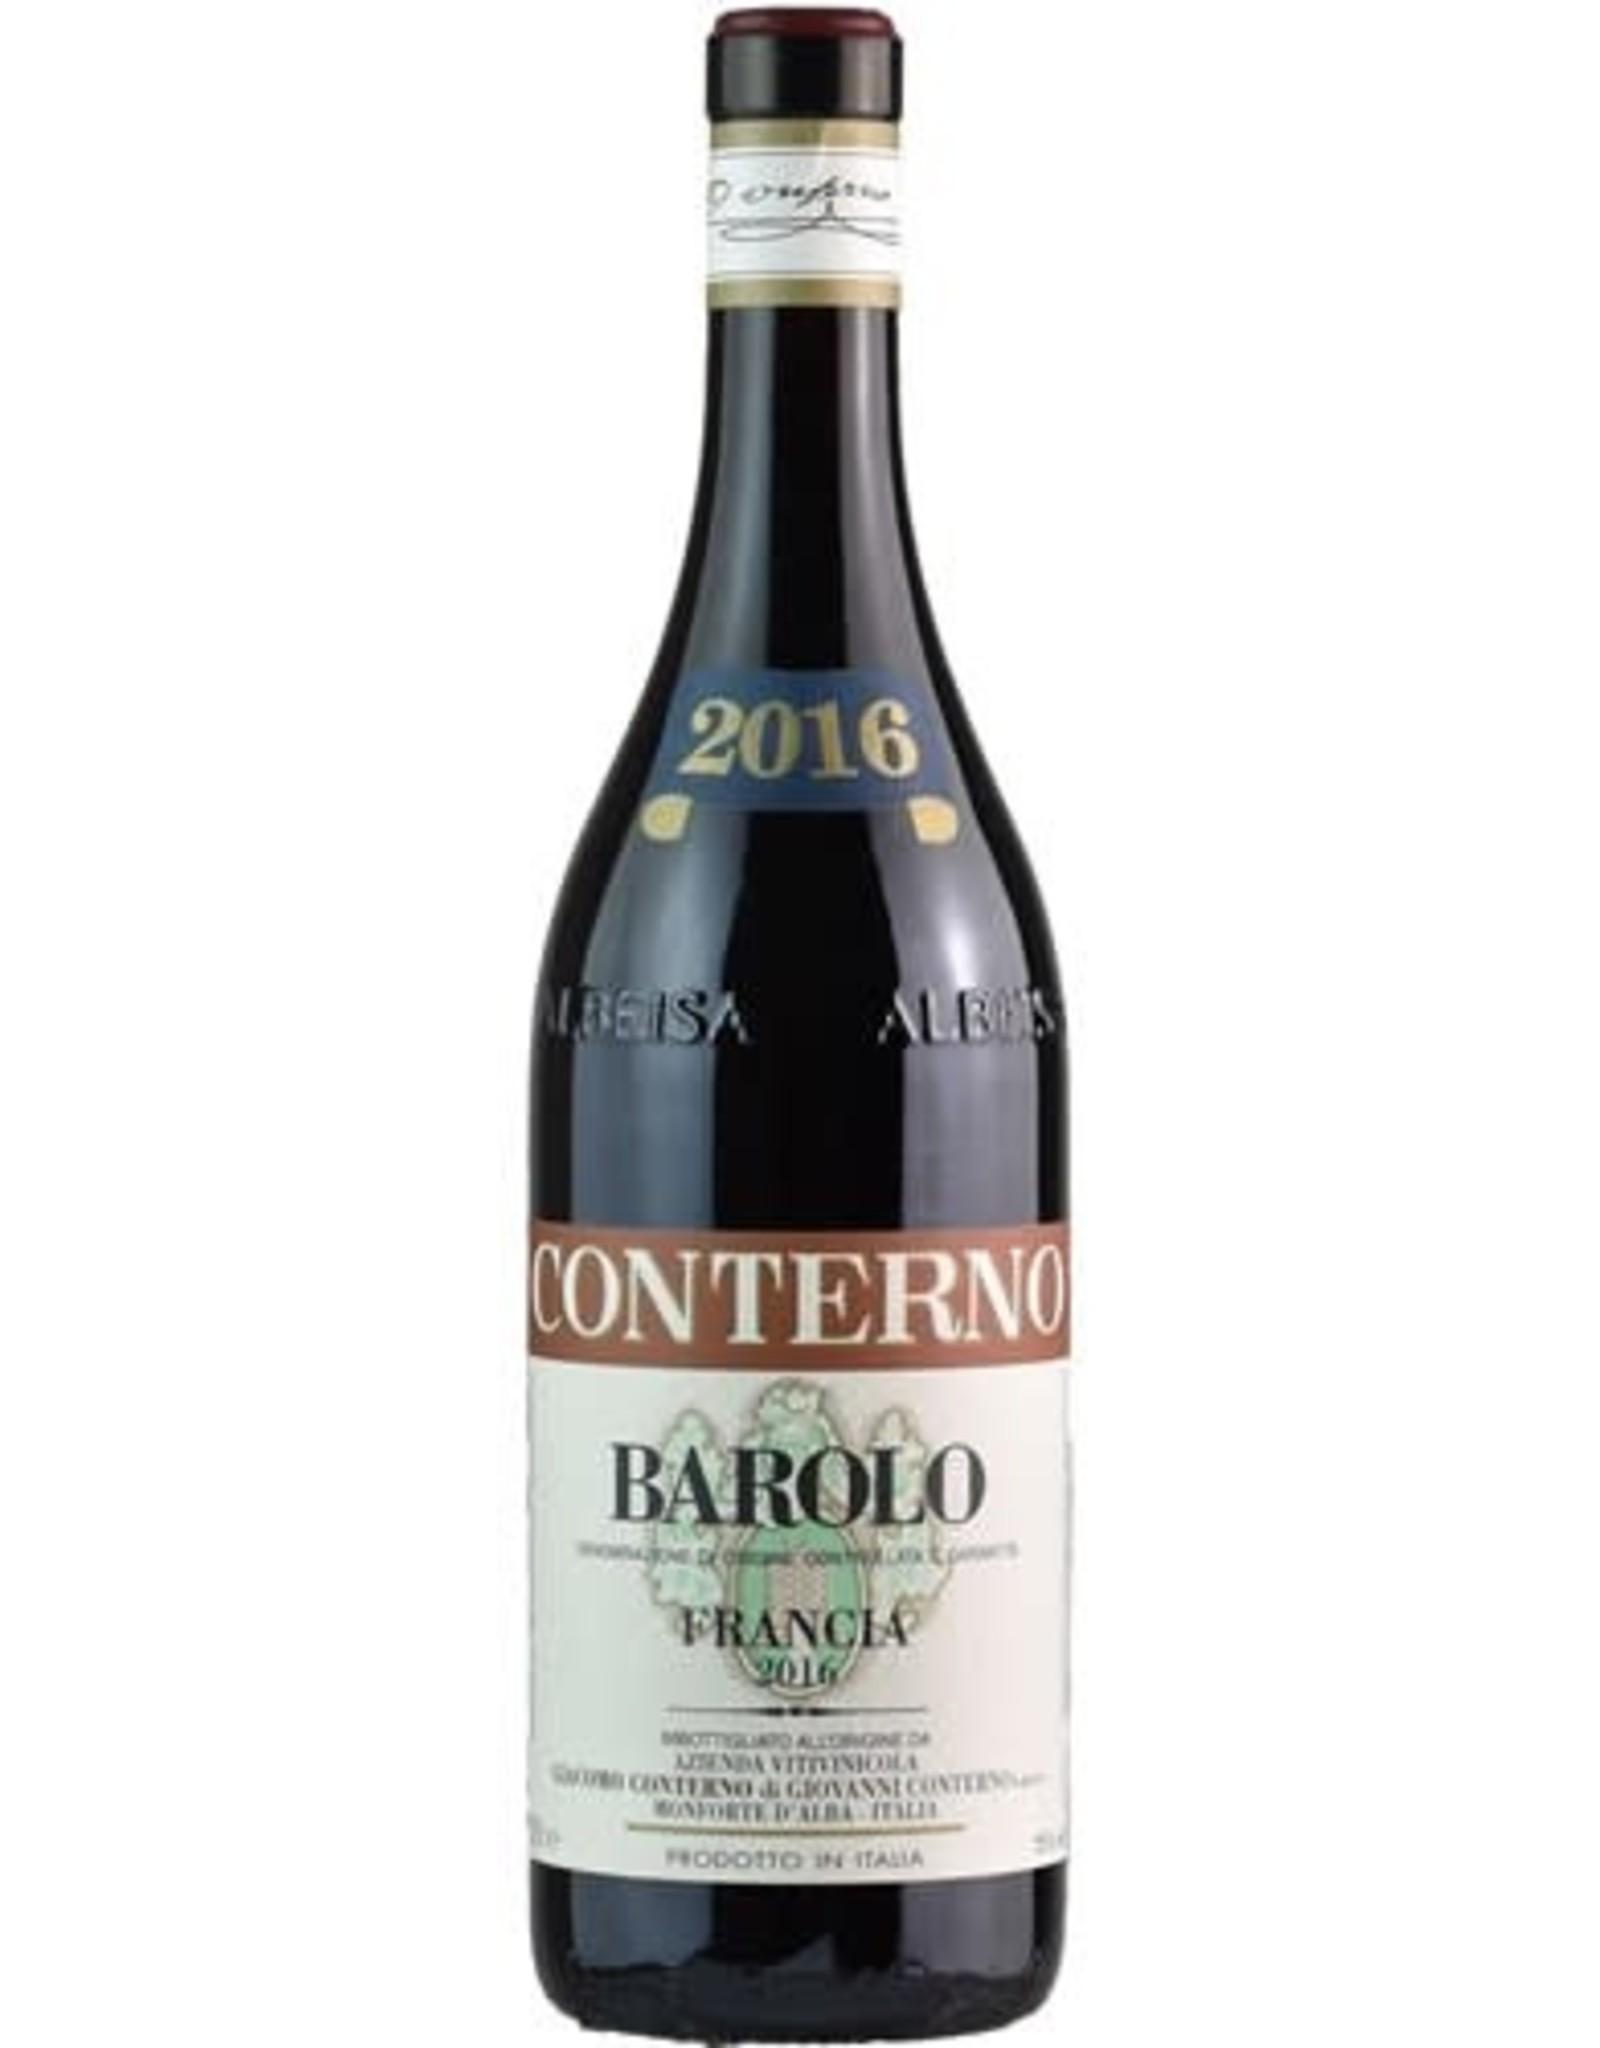 Conterno Barolo Francia DOCG 2016